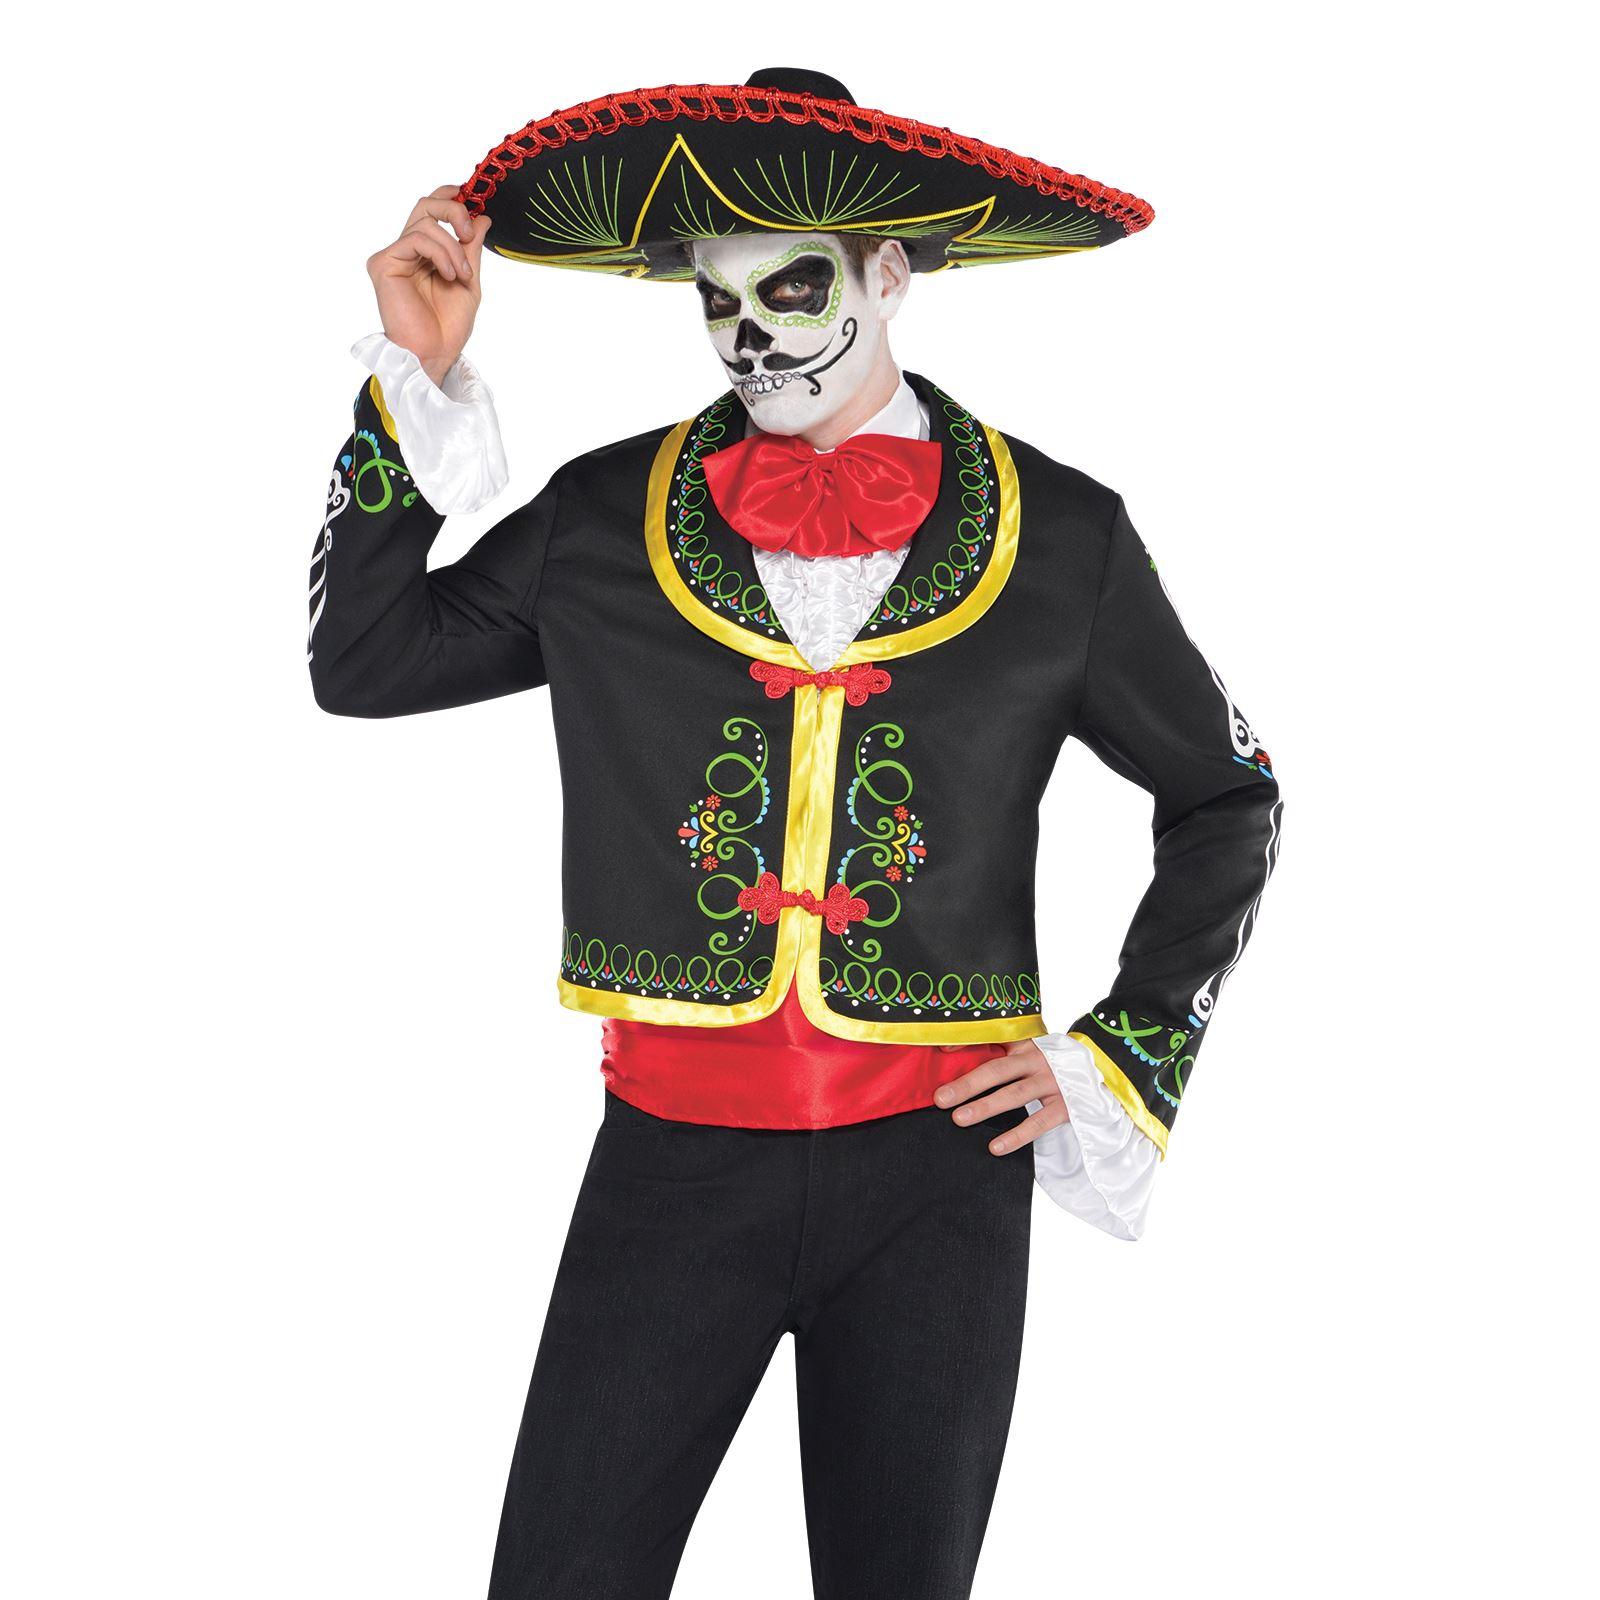 Canna Da Uomo Costume Teschio Messicano Costume Di Halloween Giorno dei Morti Scheletro